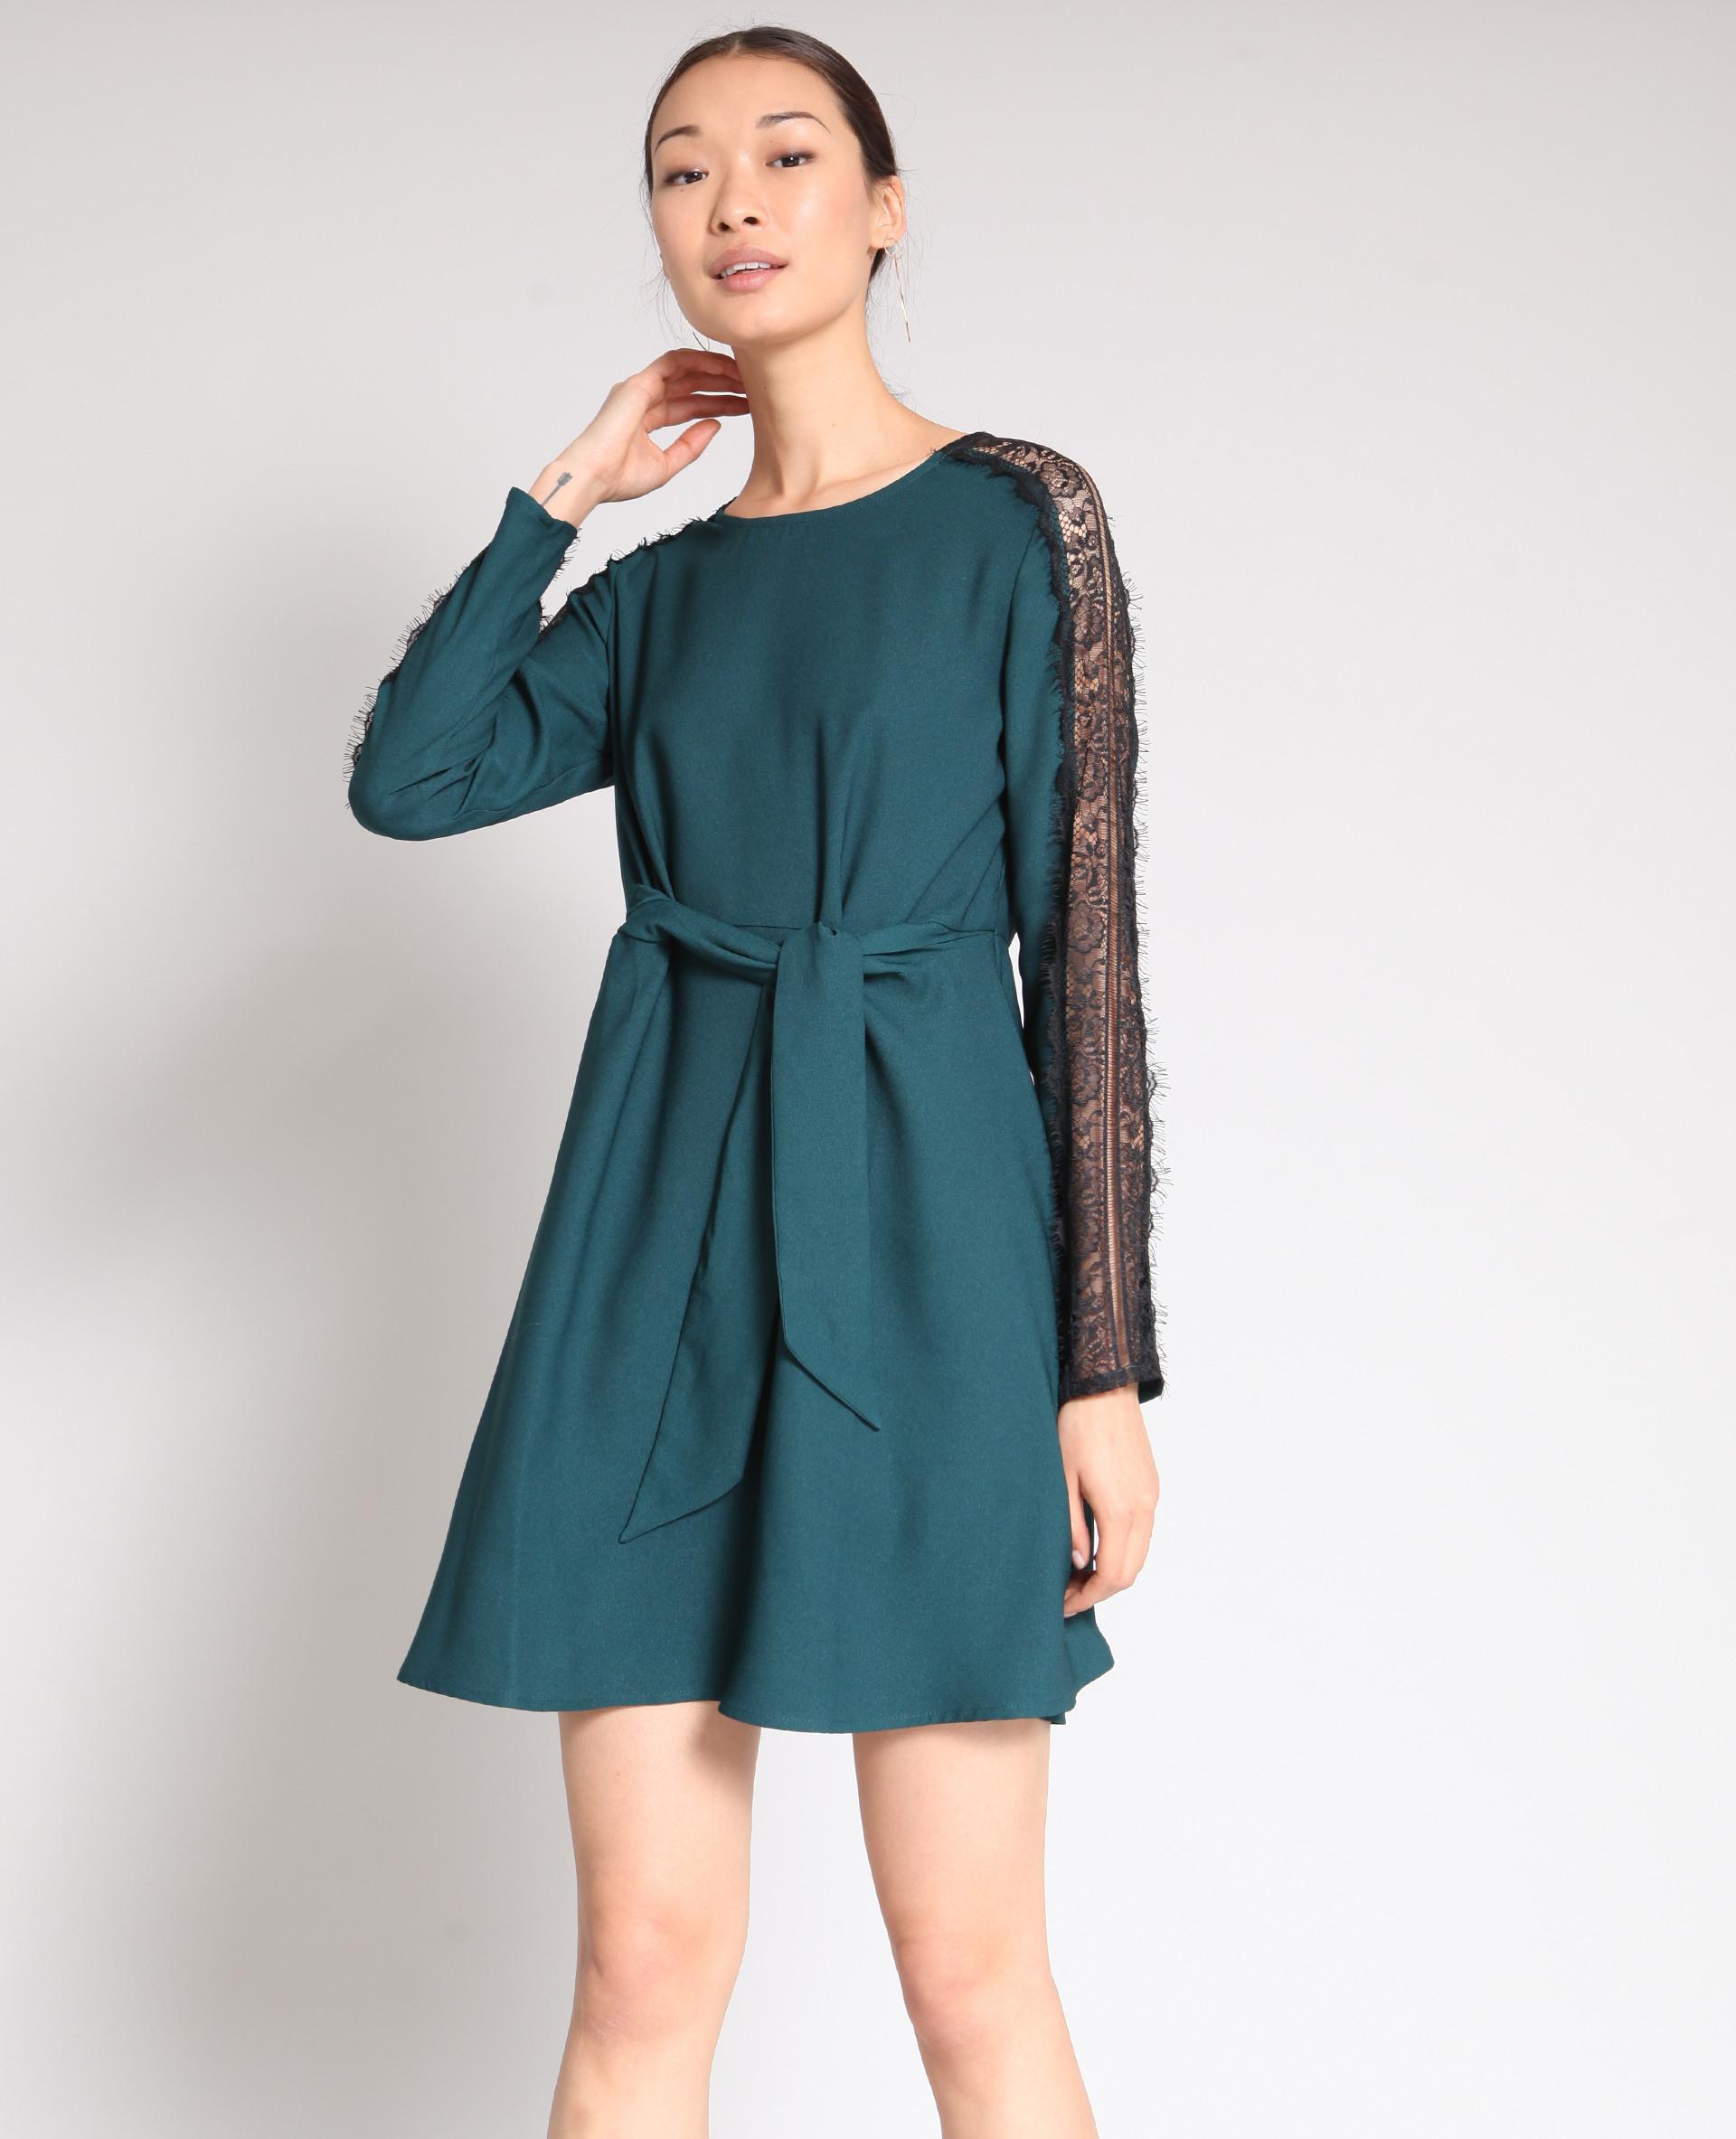 17 Schön Grünes Kleid Spitze Vertrieb  Abendkleid